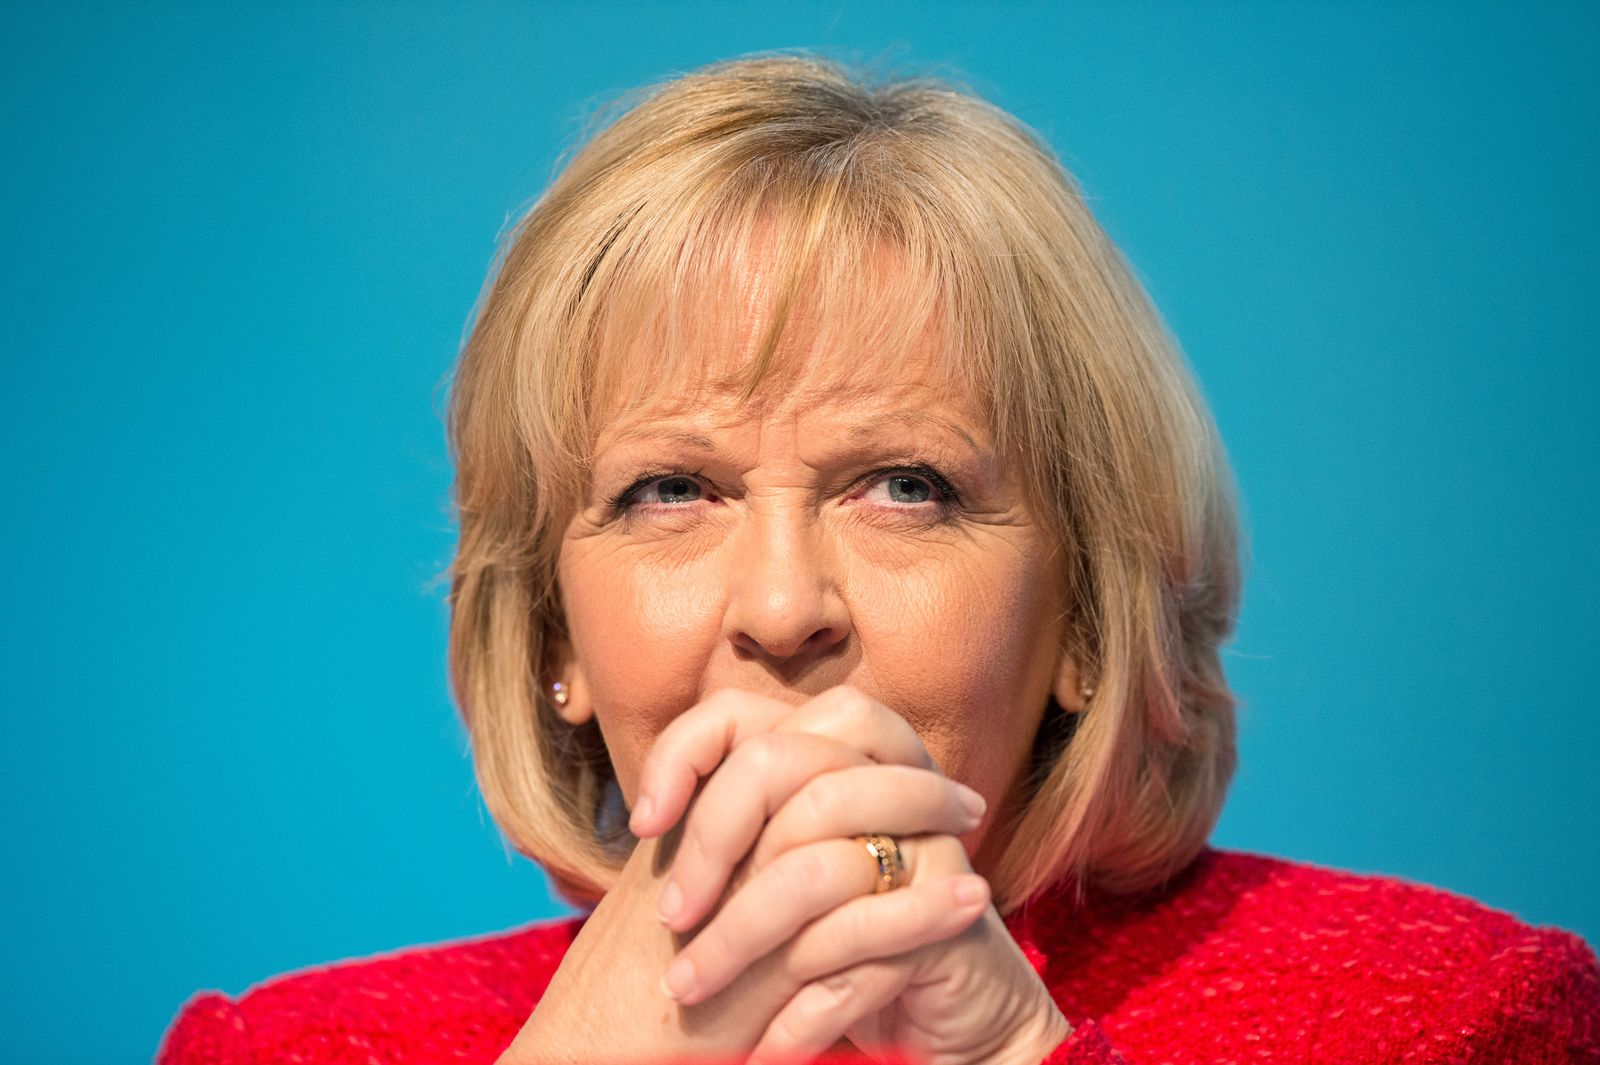 Politiker/ Geheimnisse/ Hannelore Kraft